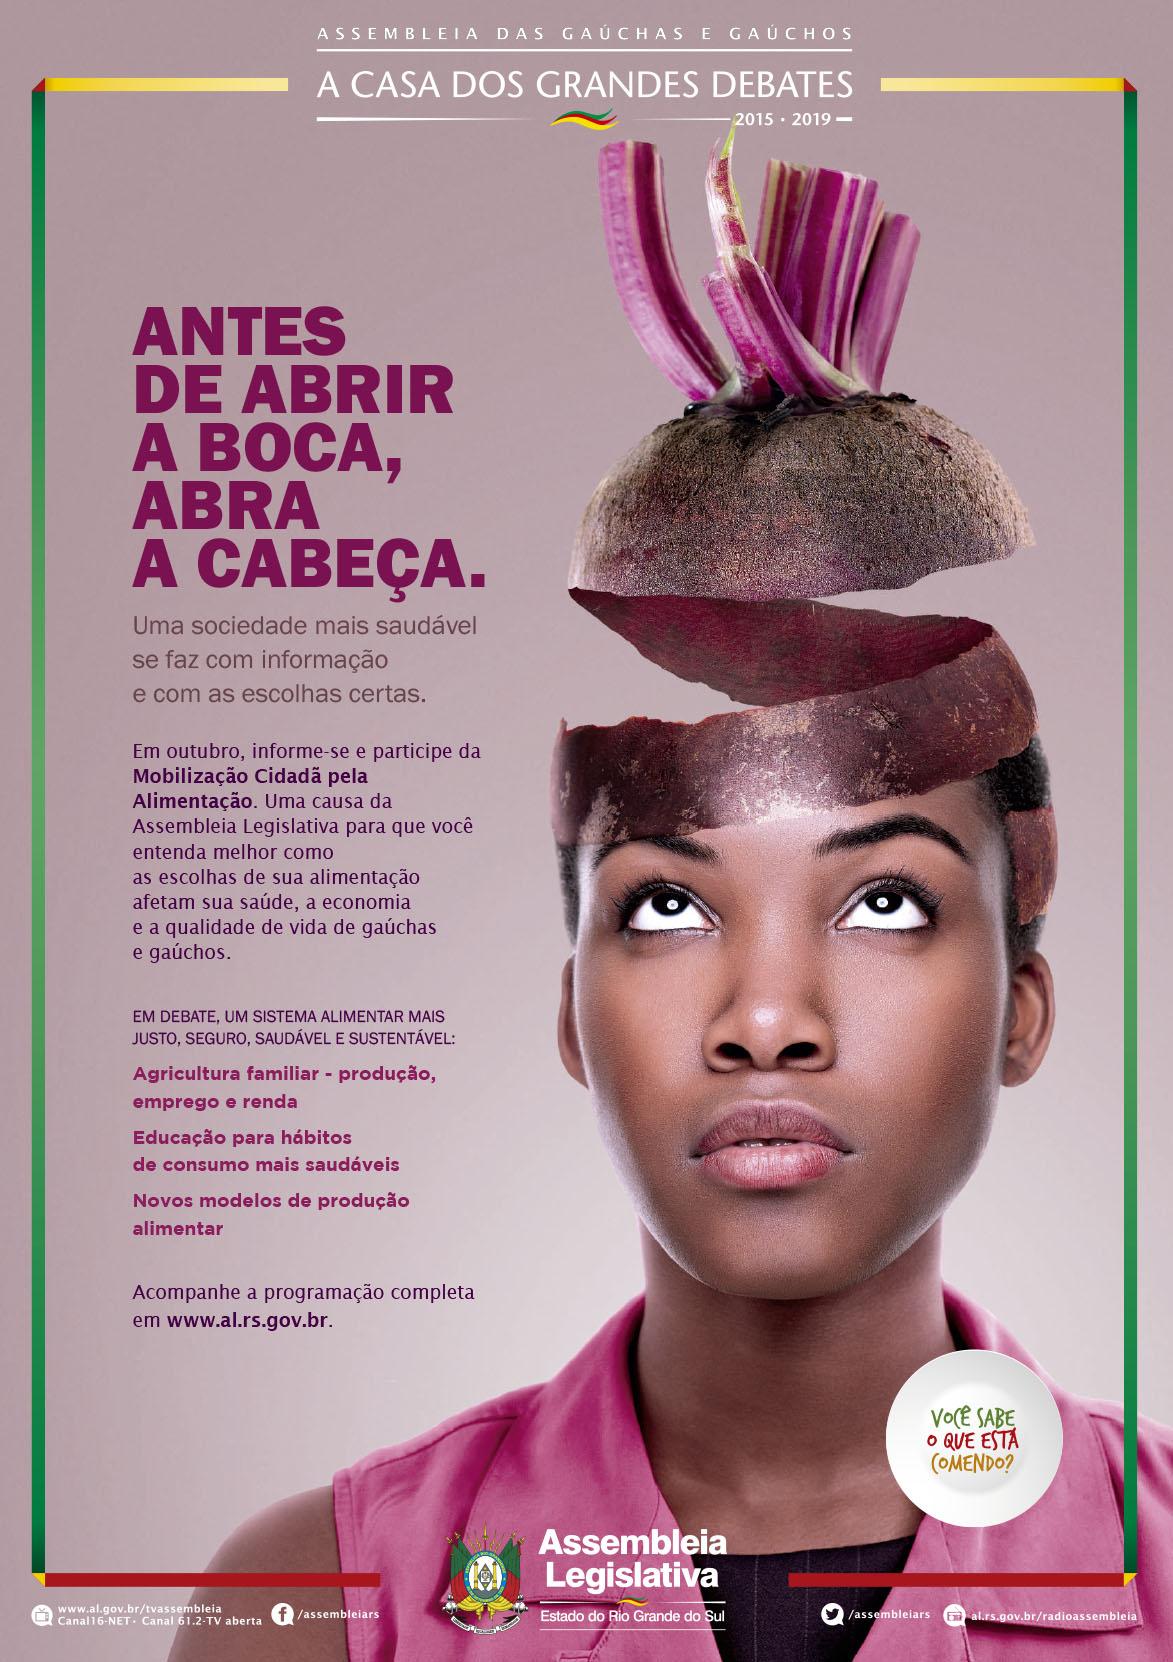 agenica-moove-brand-moovers-publicidade-marketing-digital-propaganda-comunicacao-cliente-portfolio